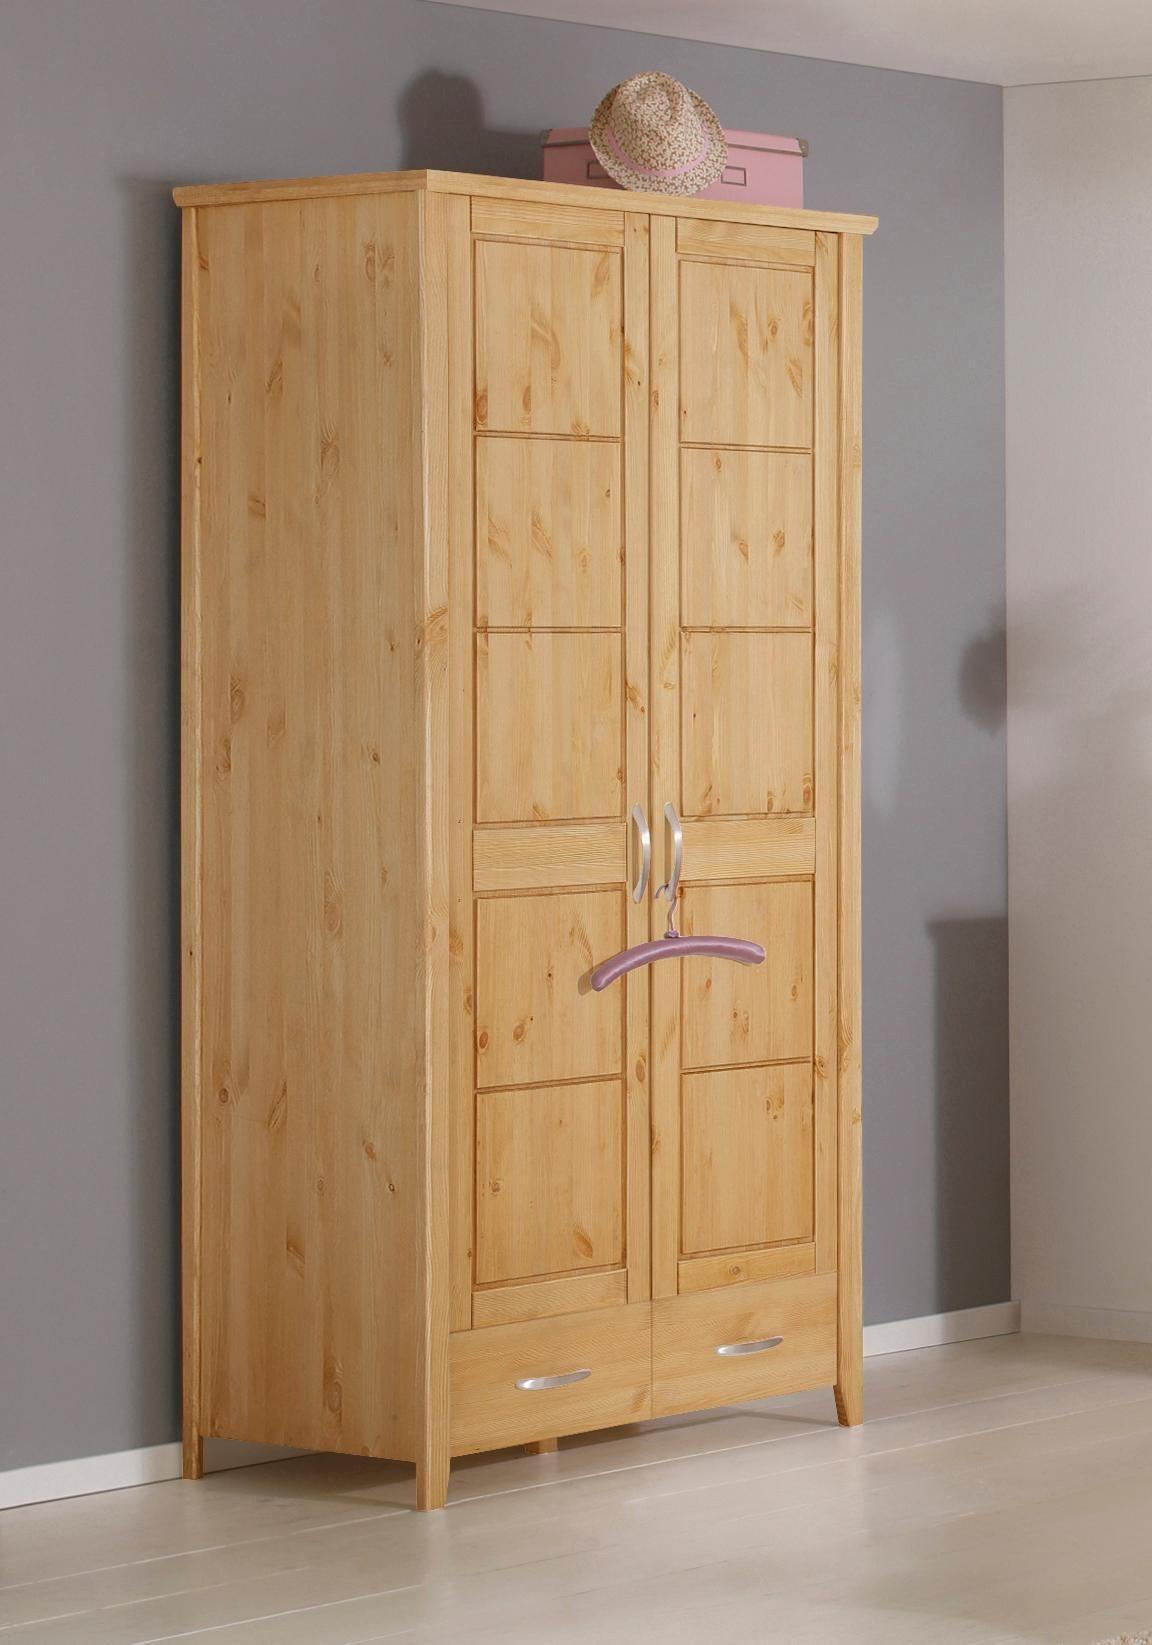 kiefer schrank massiv kleiderschrank preisvergleich die besten angebote online kaufen. Black Bedroom Furniture Sets. Home Design Ideas